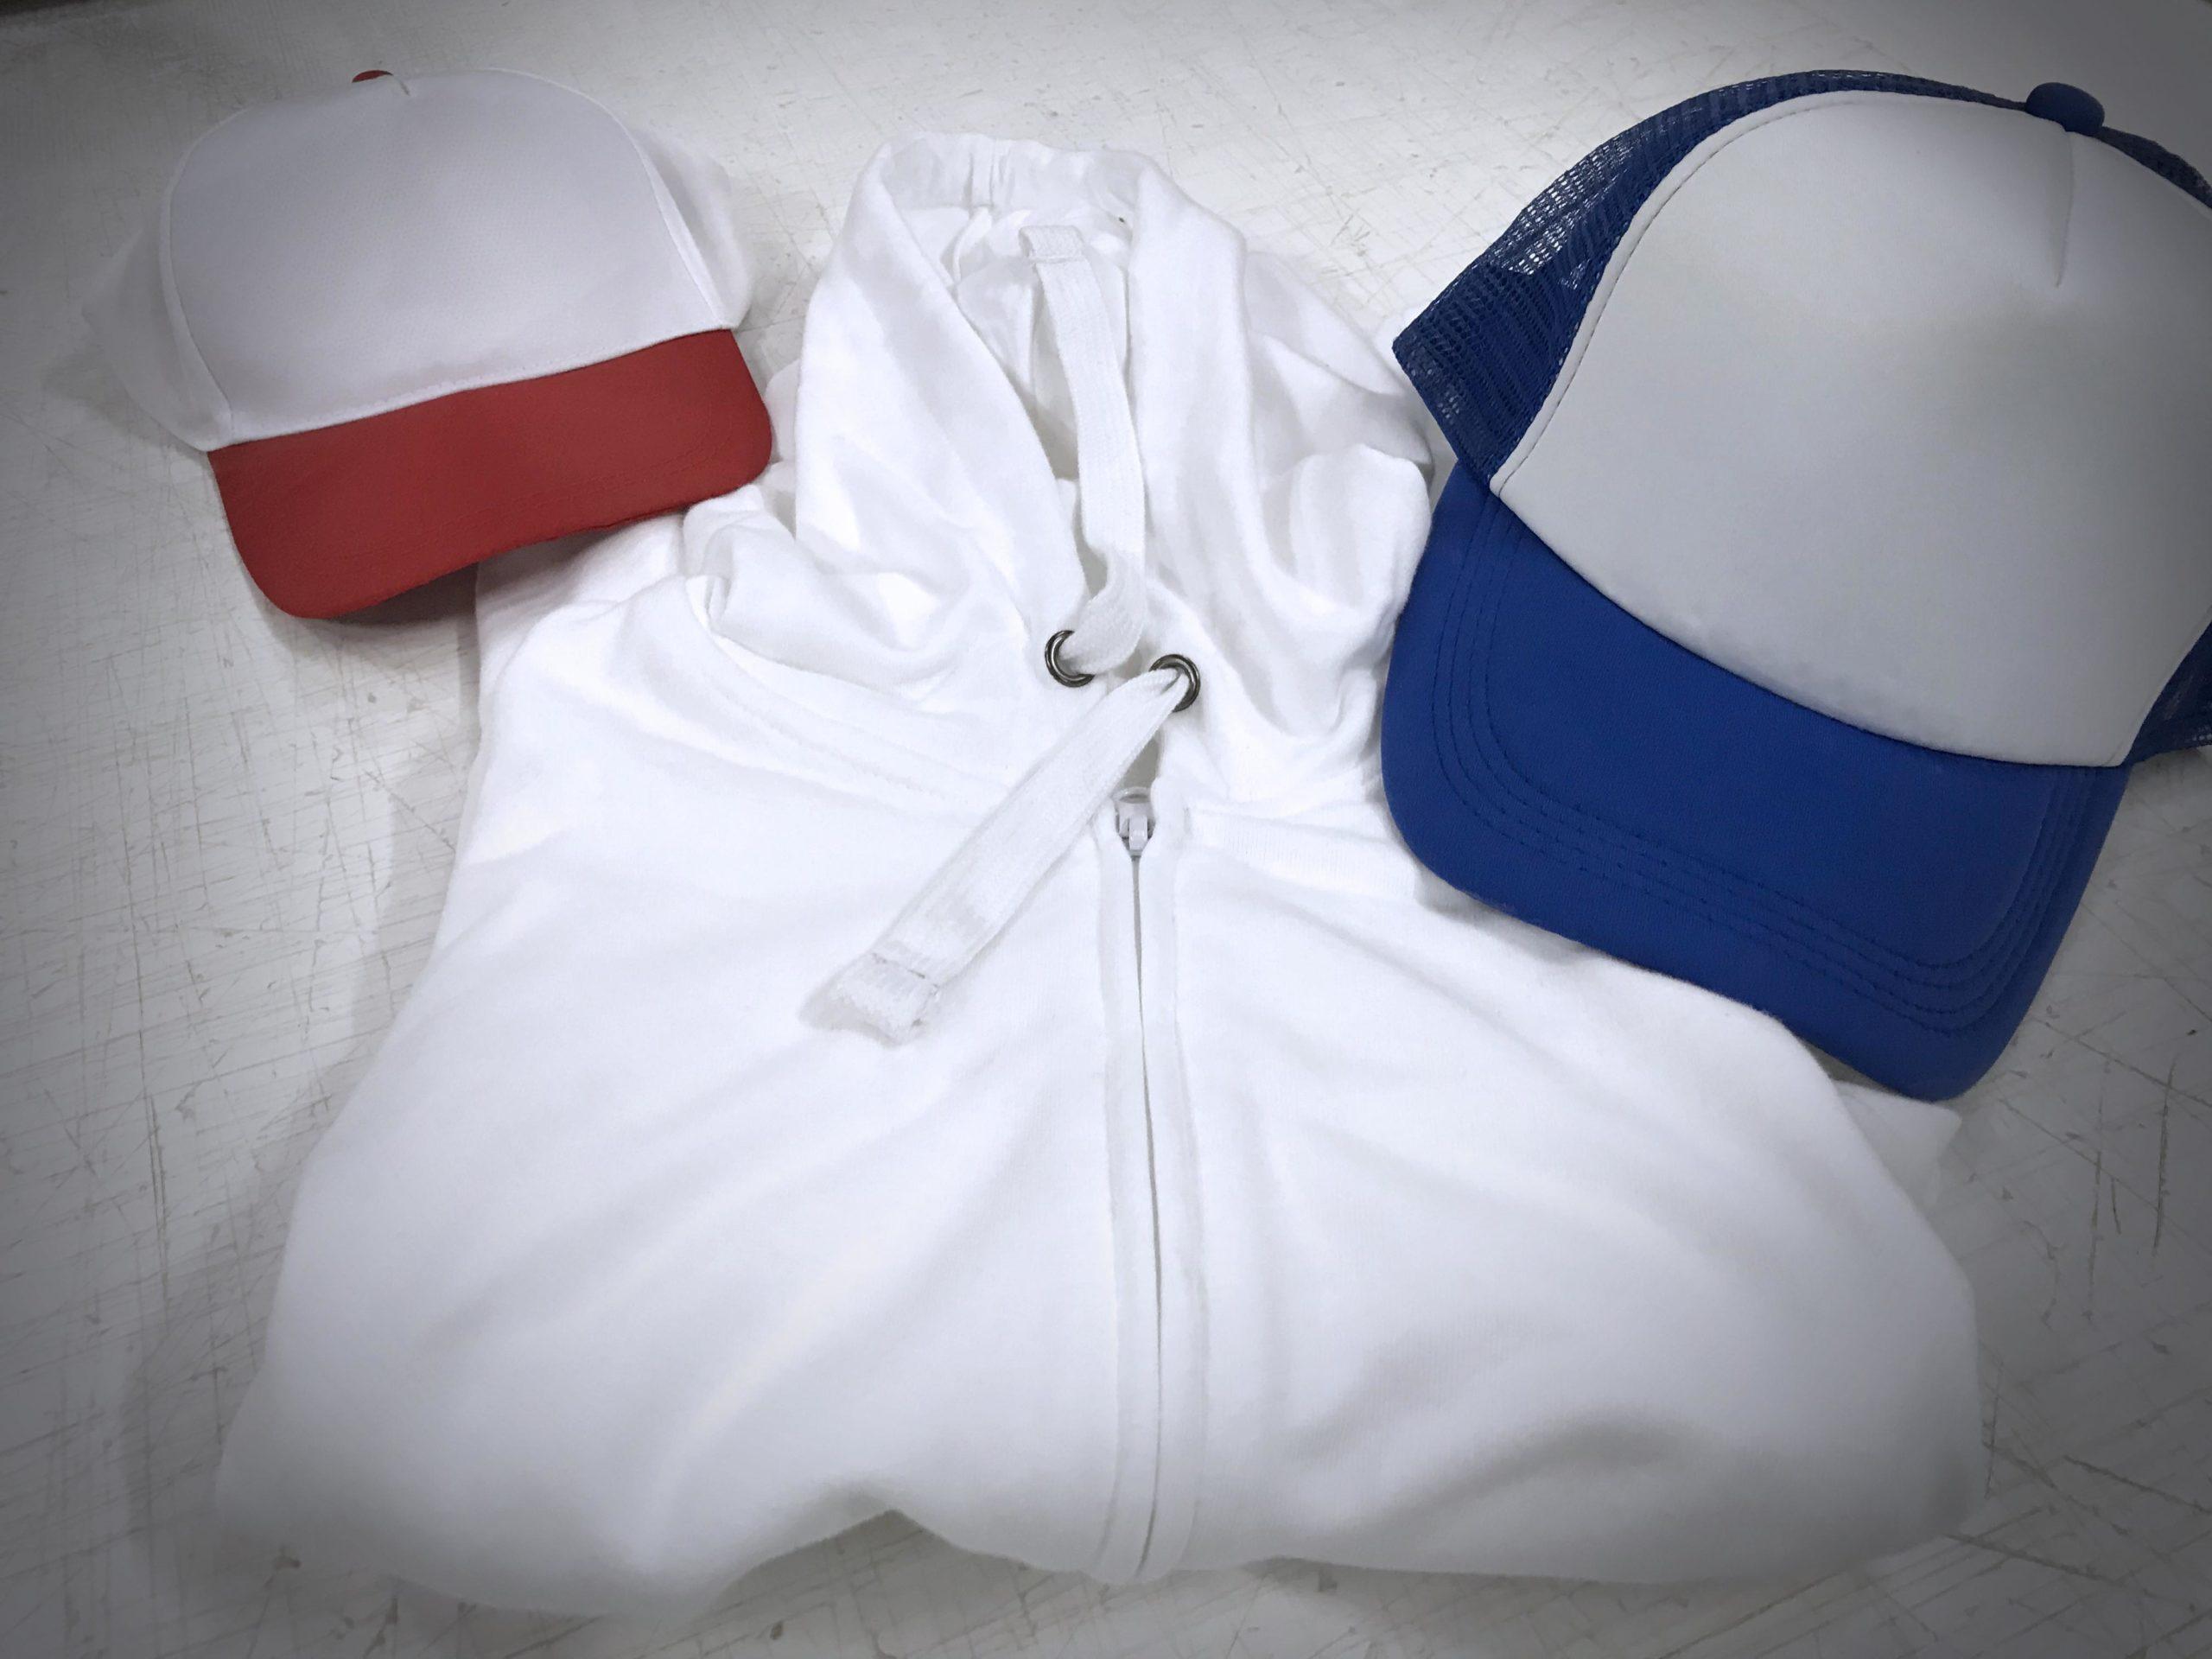 Impression vêtements et textiles